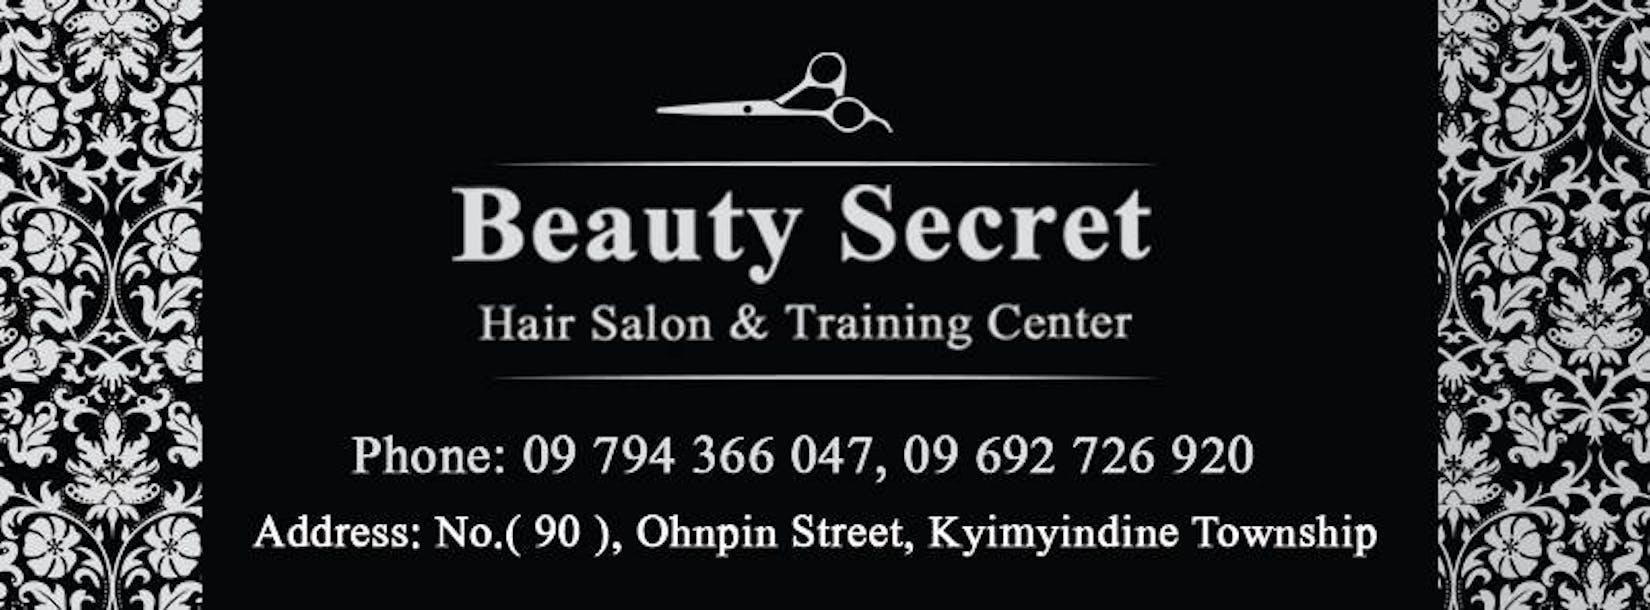 Beauty Secret | Beauty